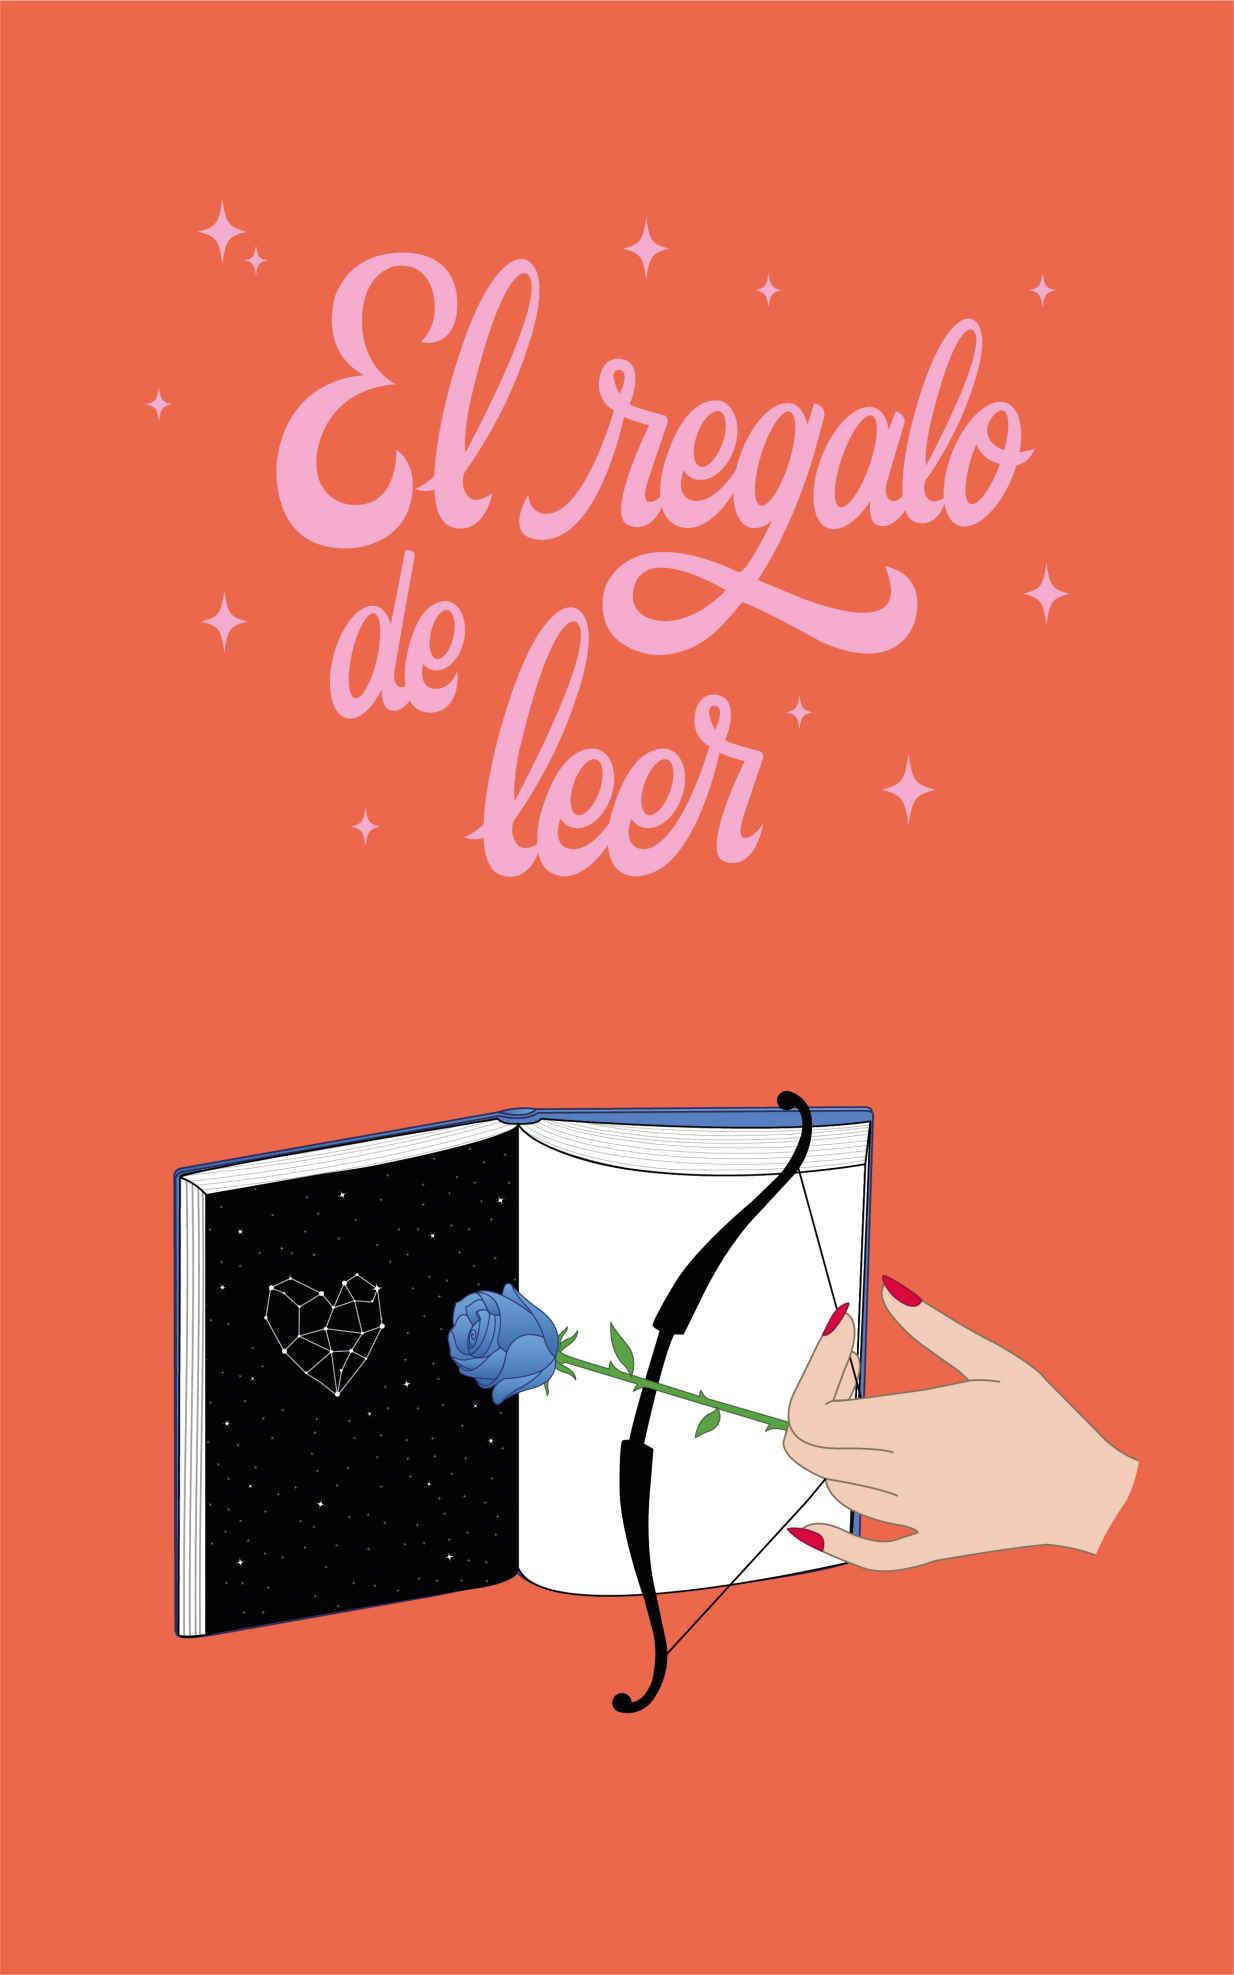 El regalo de leer - Varios autores